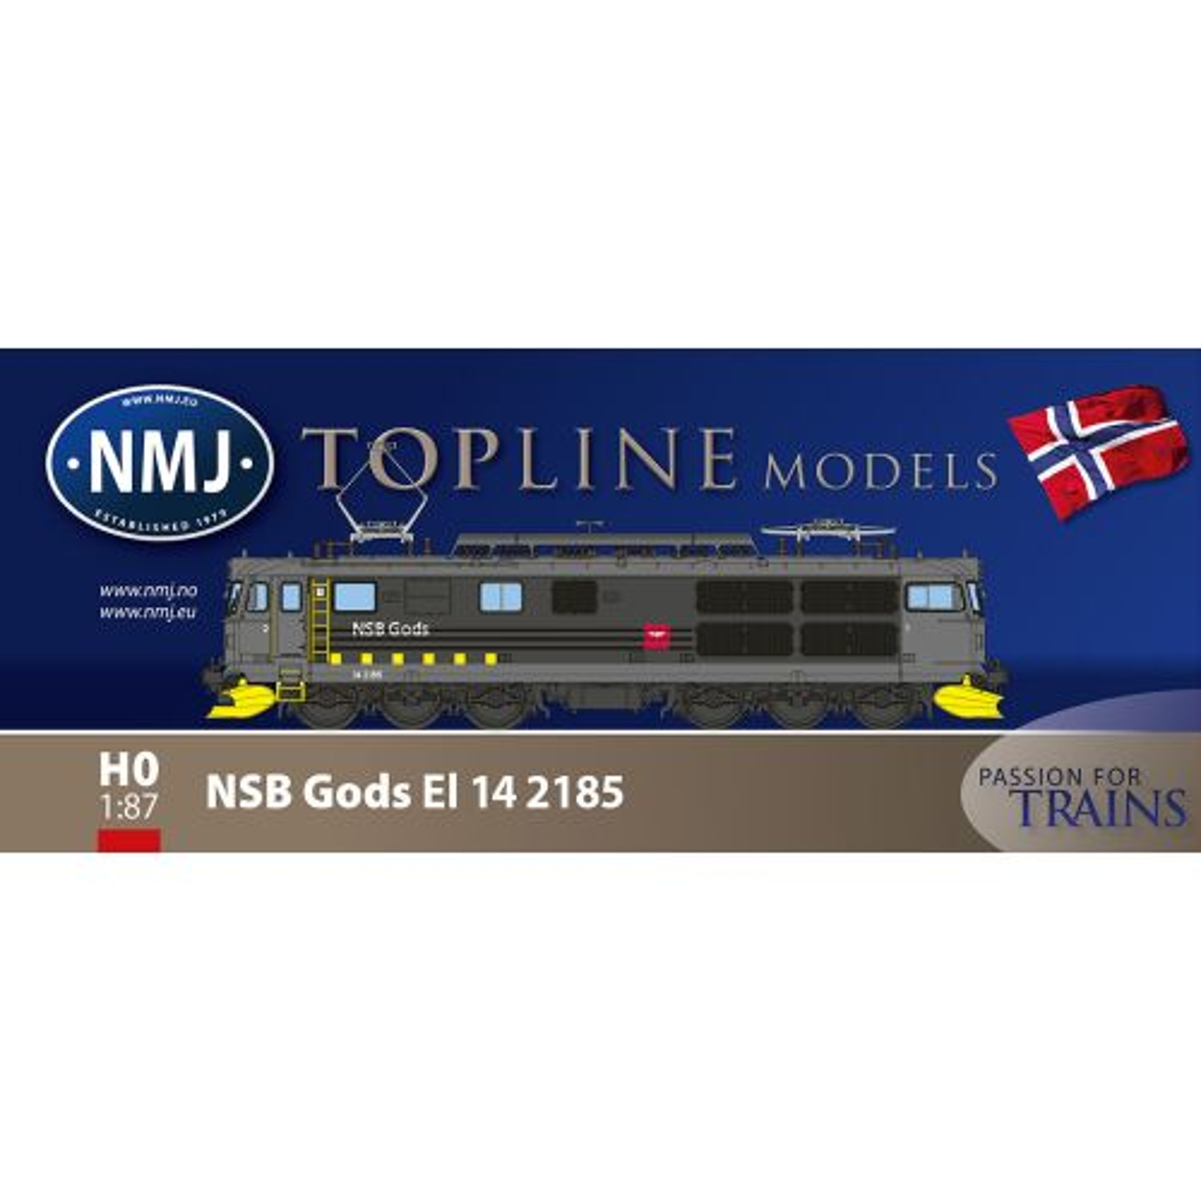 Topline Lokomotiver, nmj-topline-93105-nsb-gods-el14-2185-dc, NMJT93105